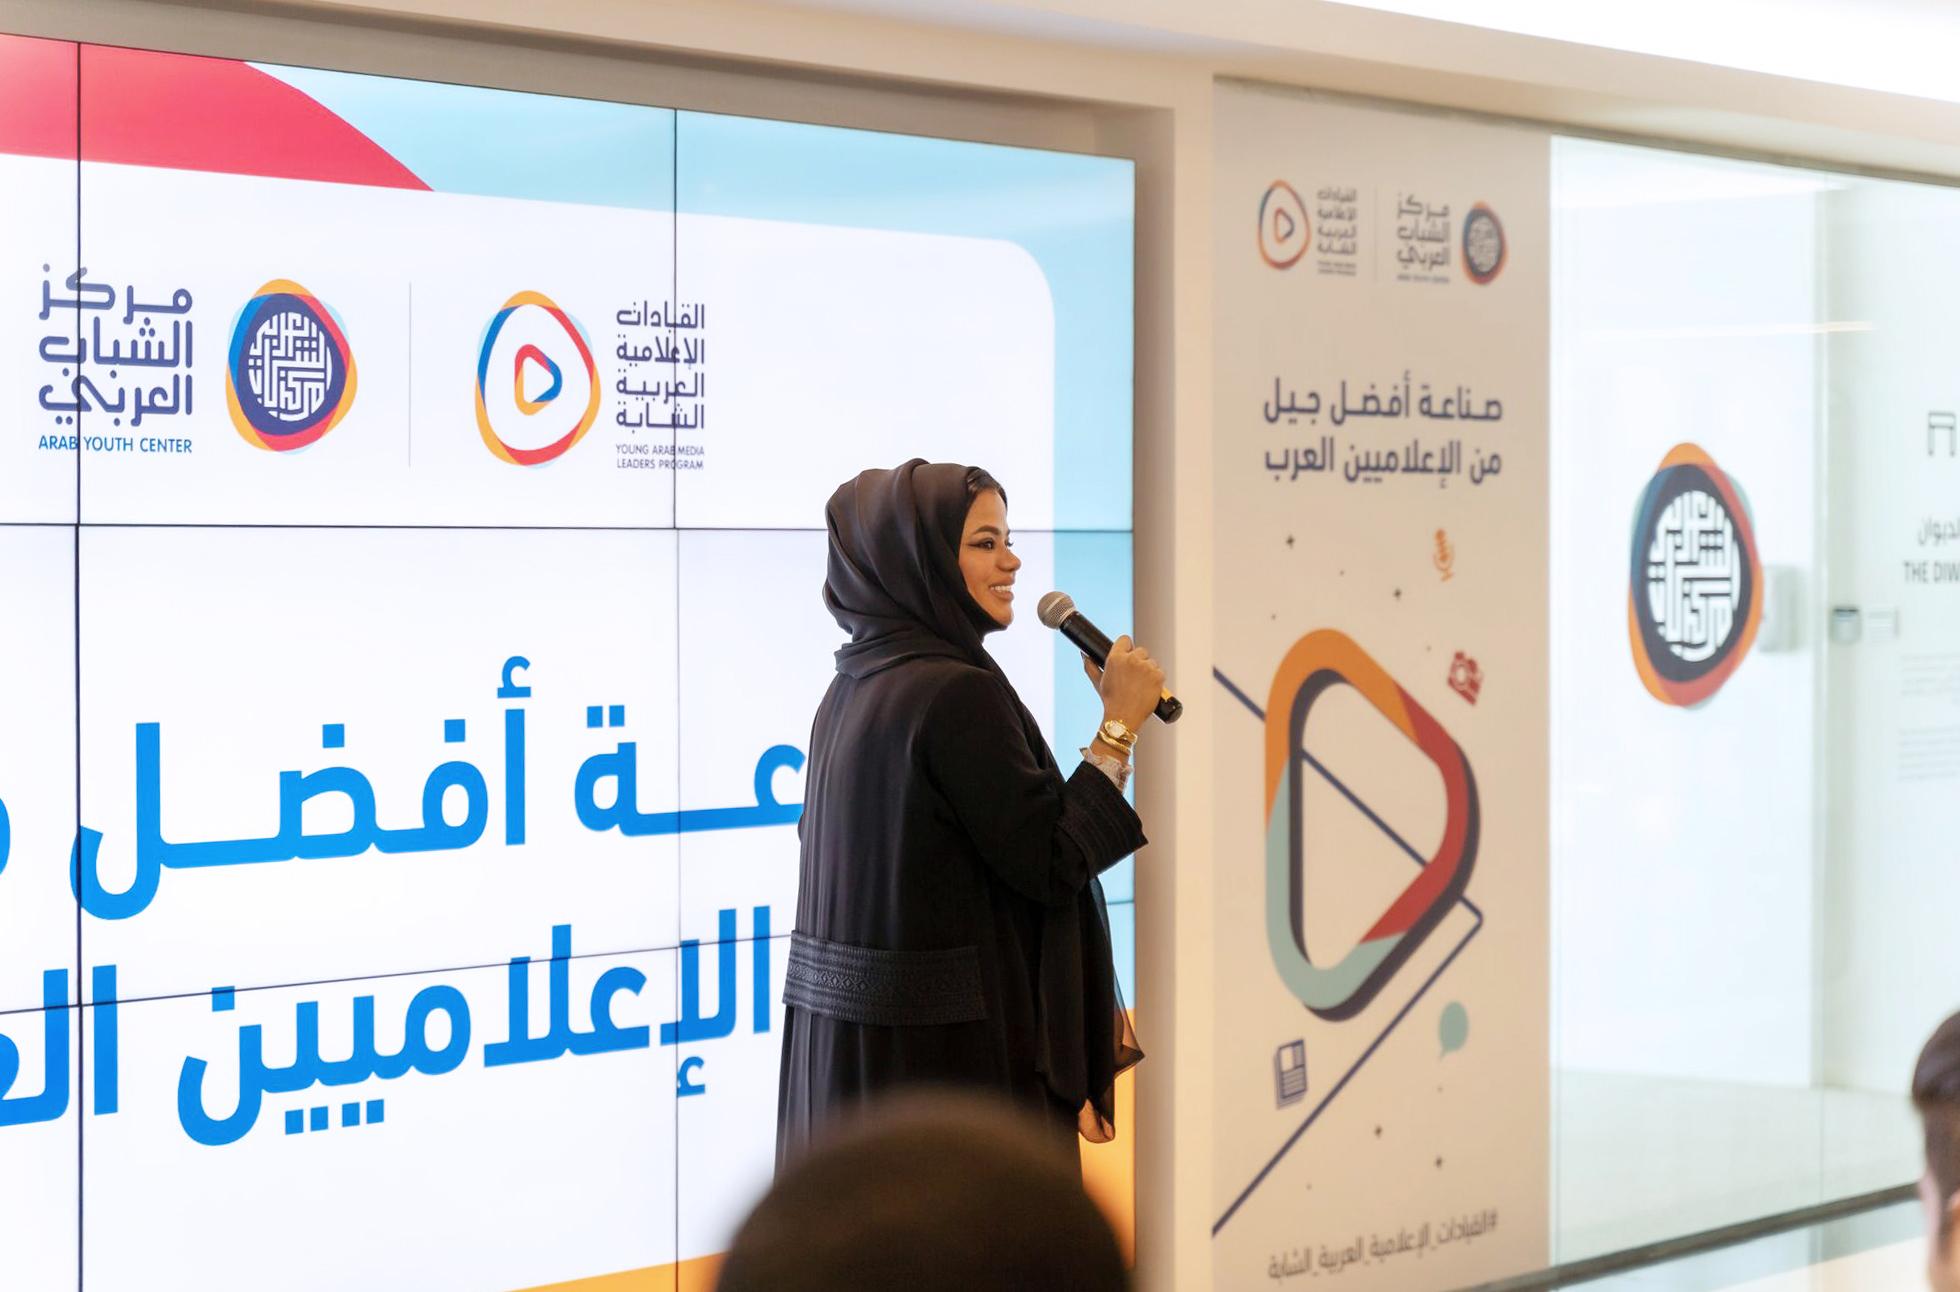 خبراء وإعلاميون ينقلون خبراتهم للمشاركين في برنامج القيادات الإعلامية